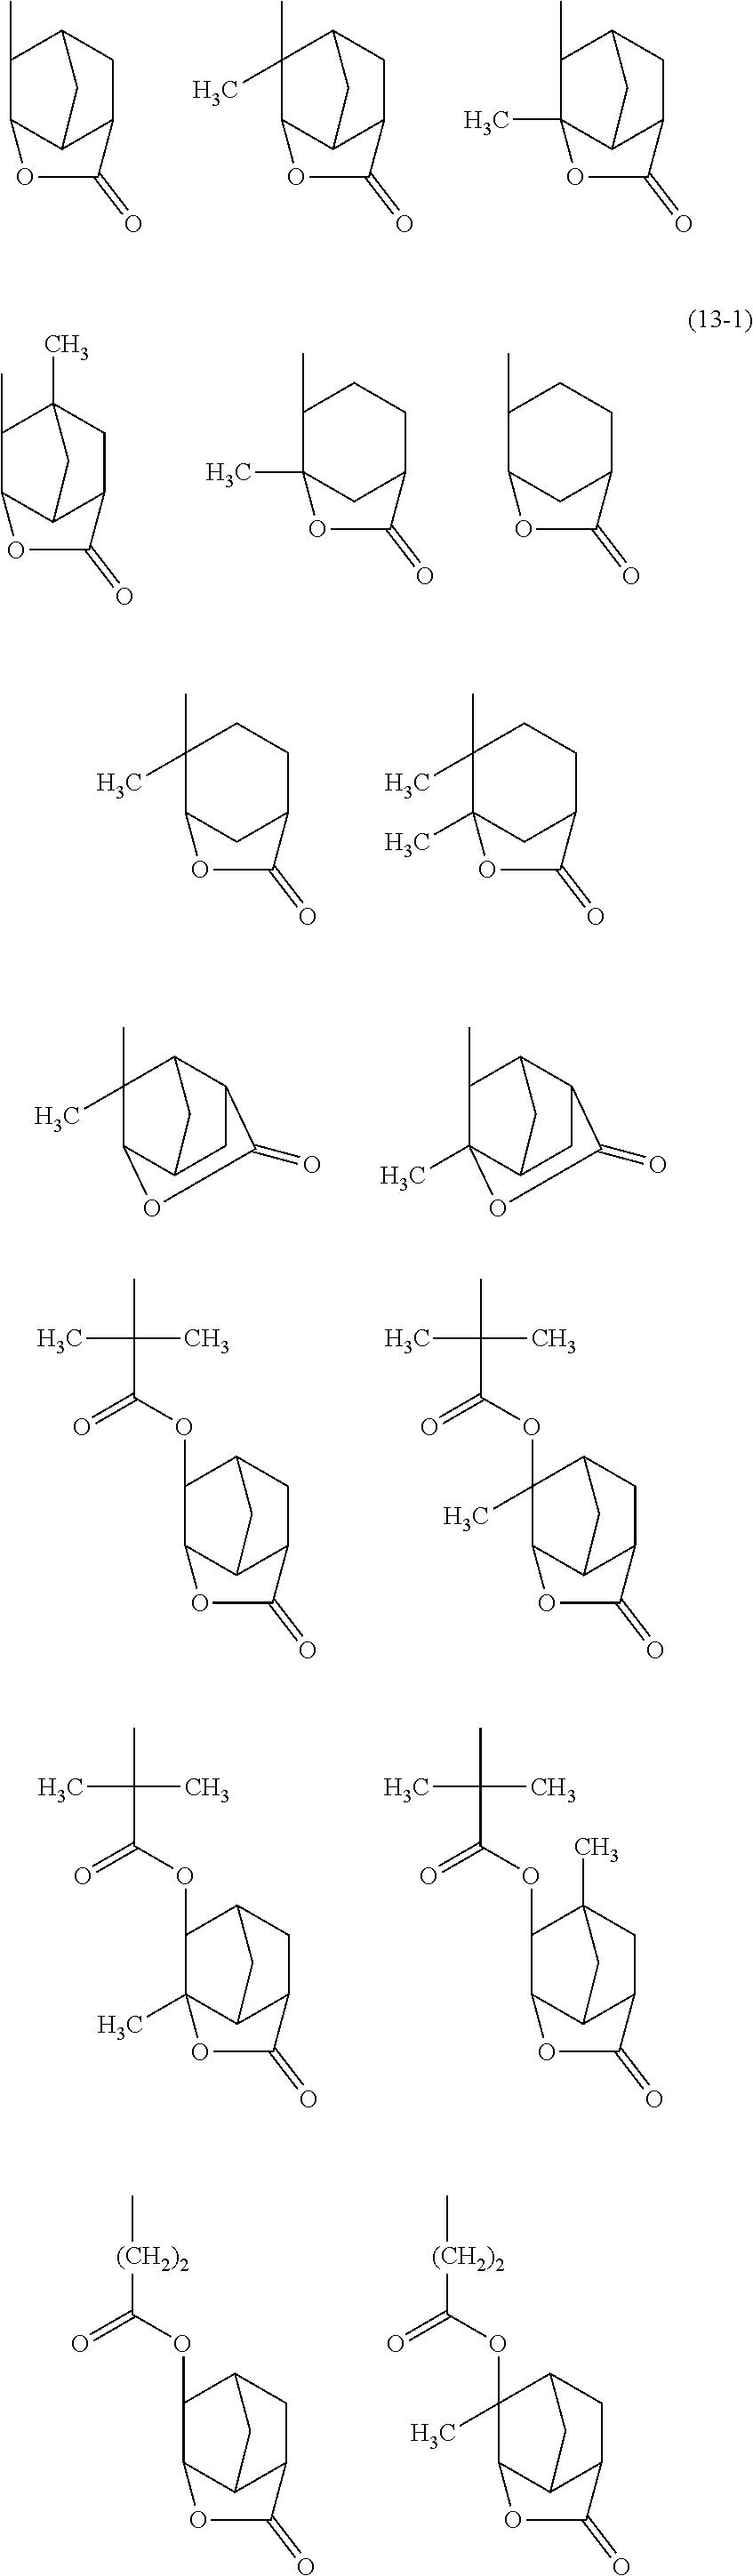 Figure US08592622-20131126-C00027